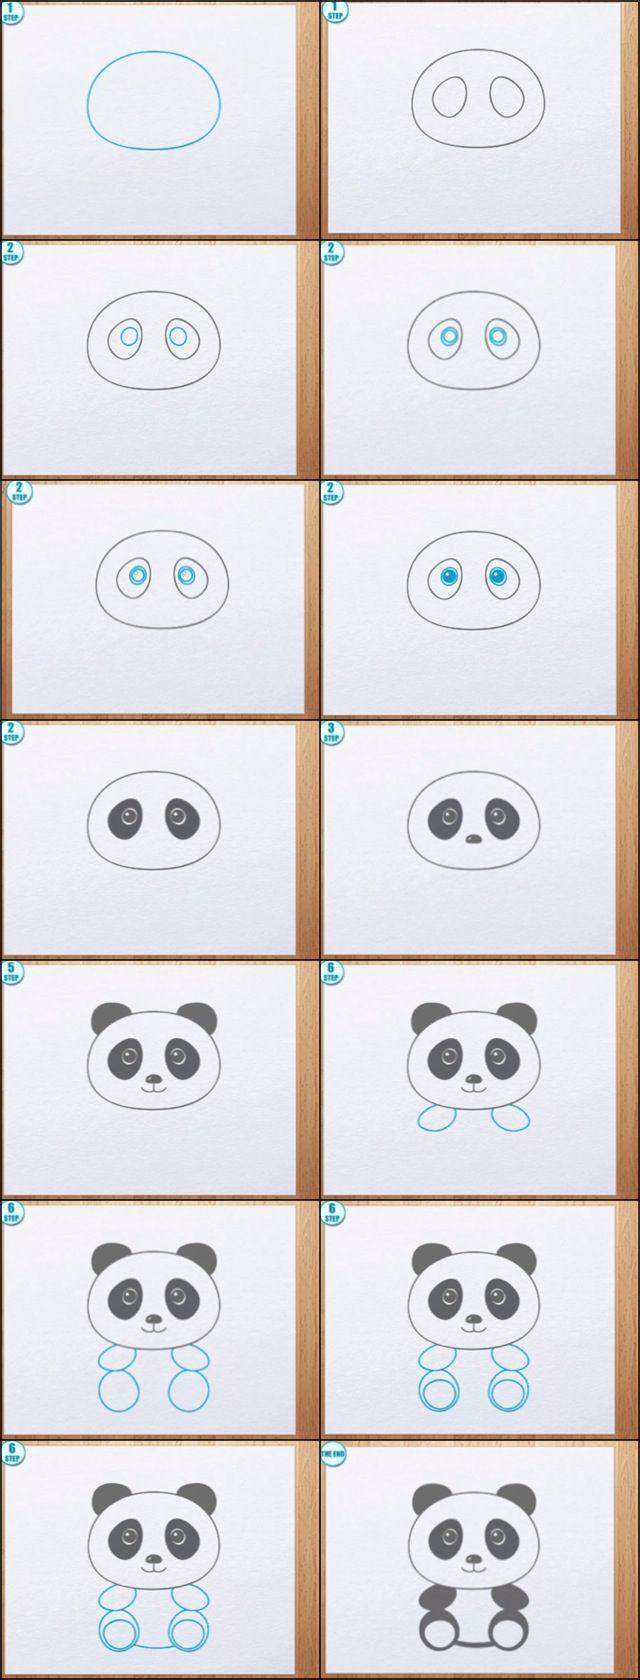 Dessin Panda Facile comment dessiner un panda | nana | pinterest | dessin, panda dessin